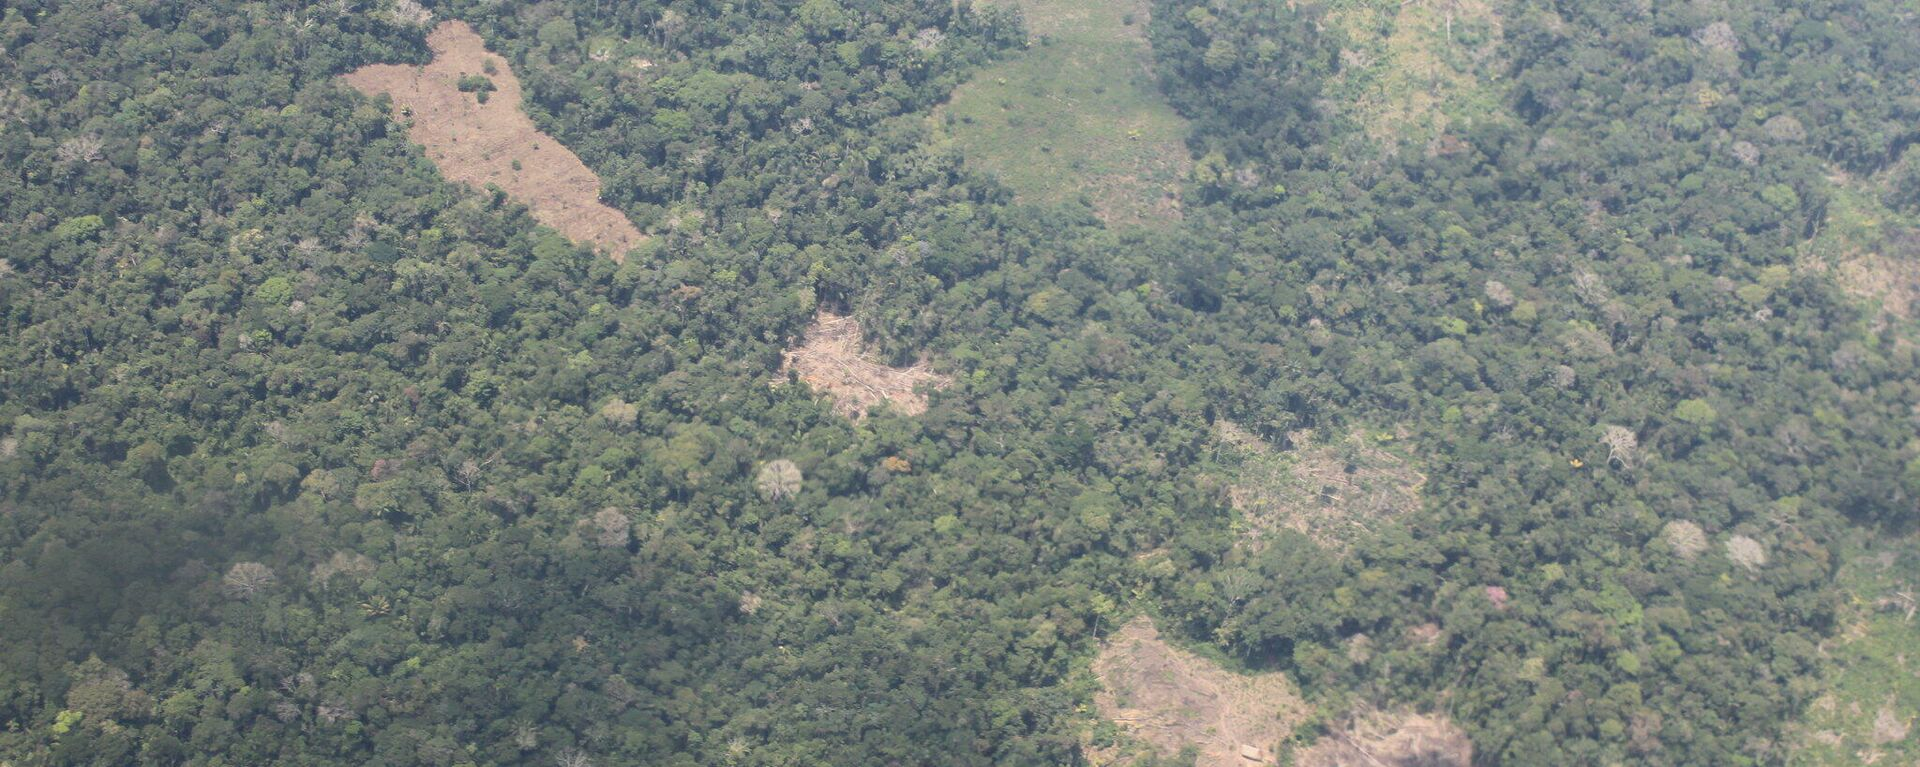 Deforestación en Loreto, Perú - Sputnik Mundo, 1920, 11.10.2021